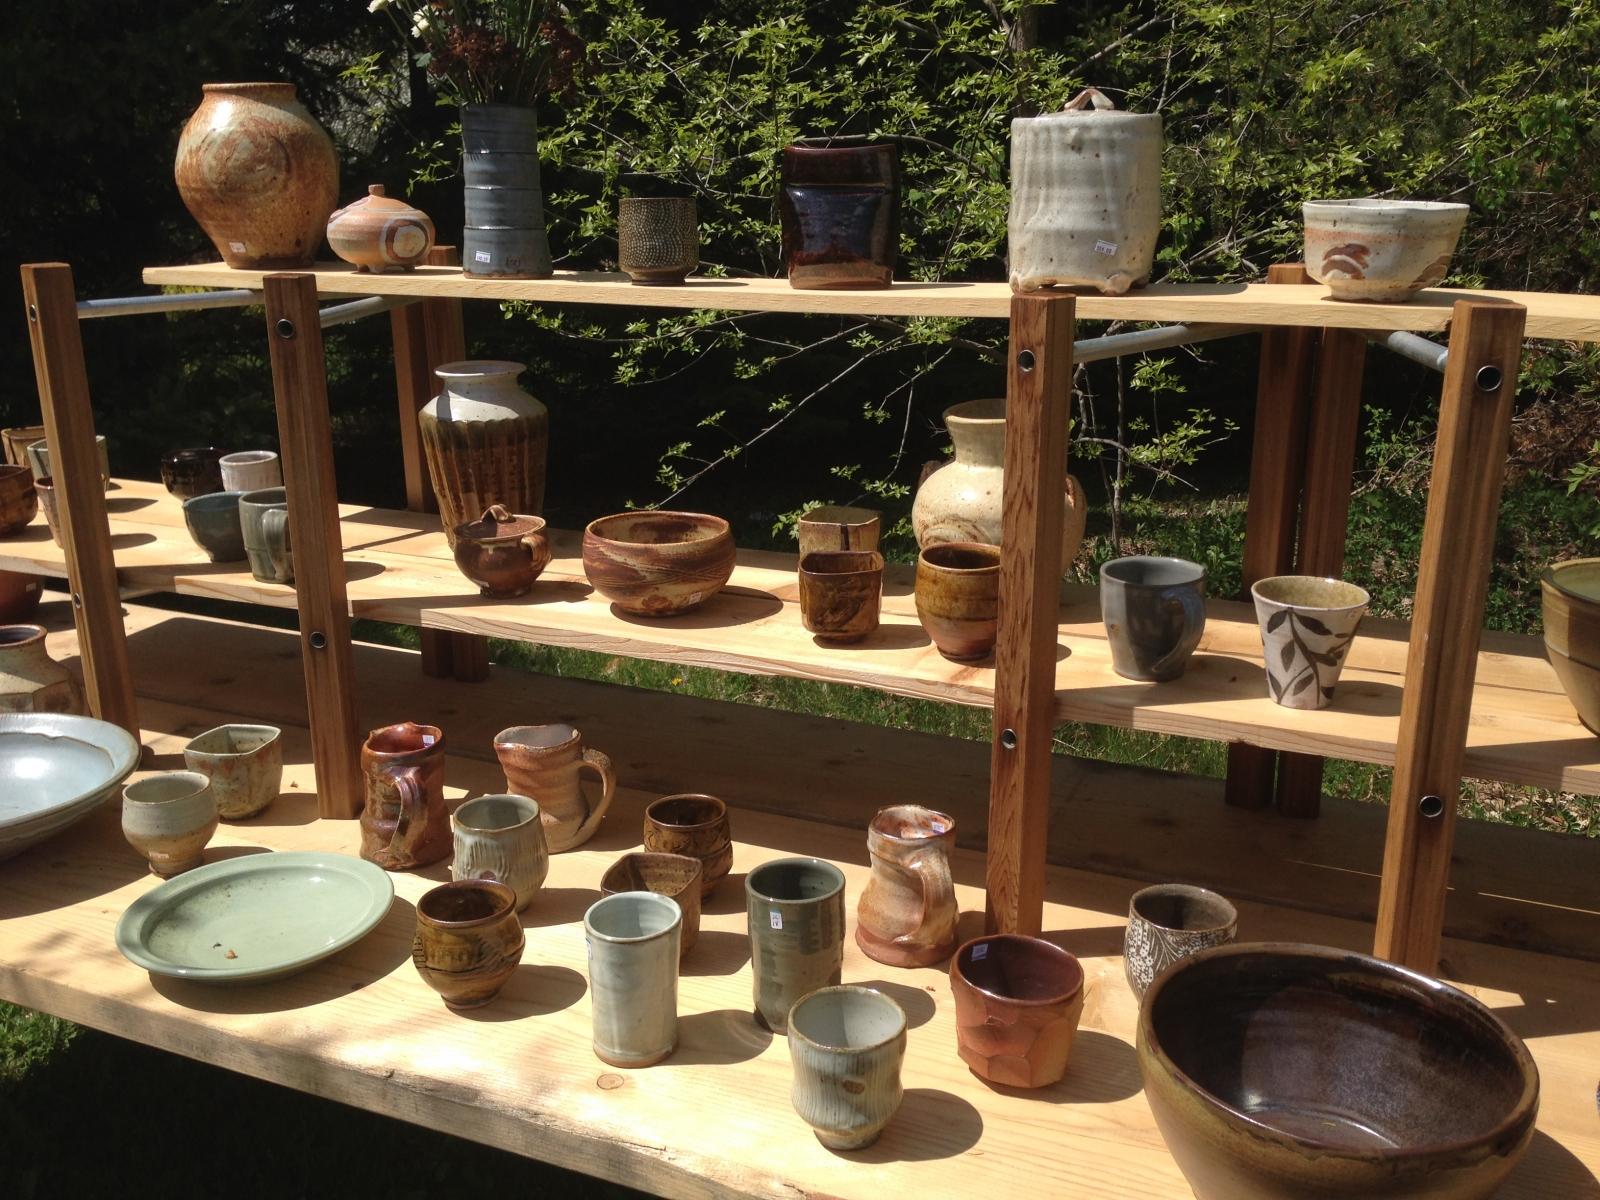 St. Croix Valley Pottery Tour